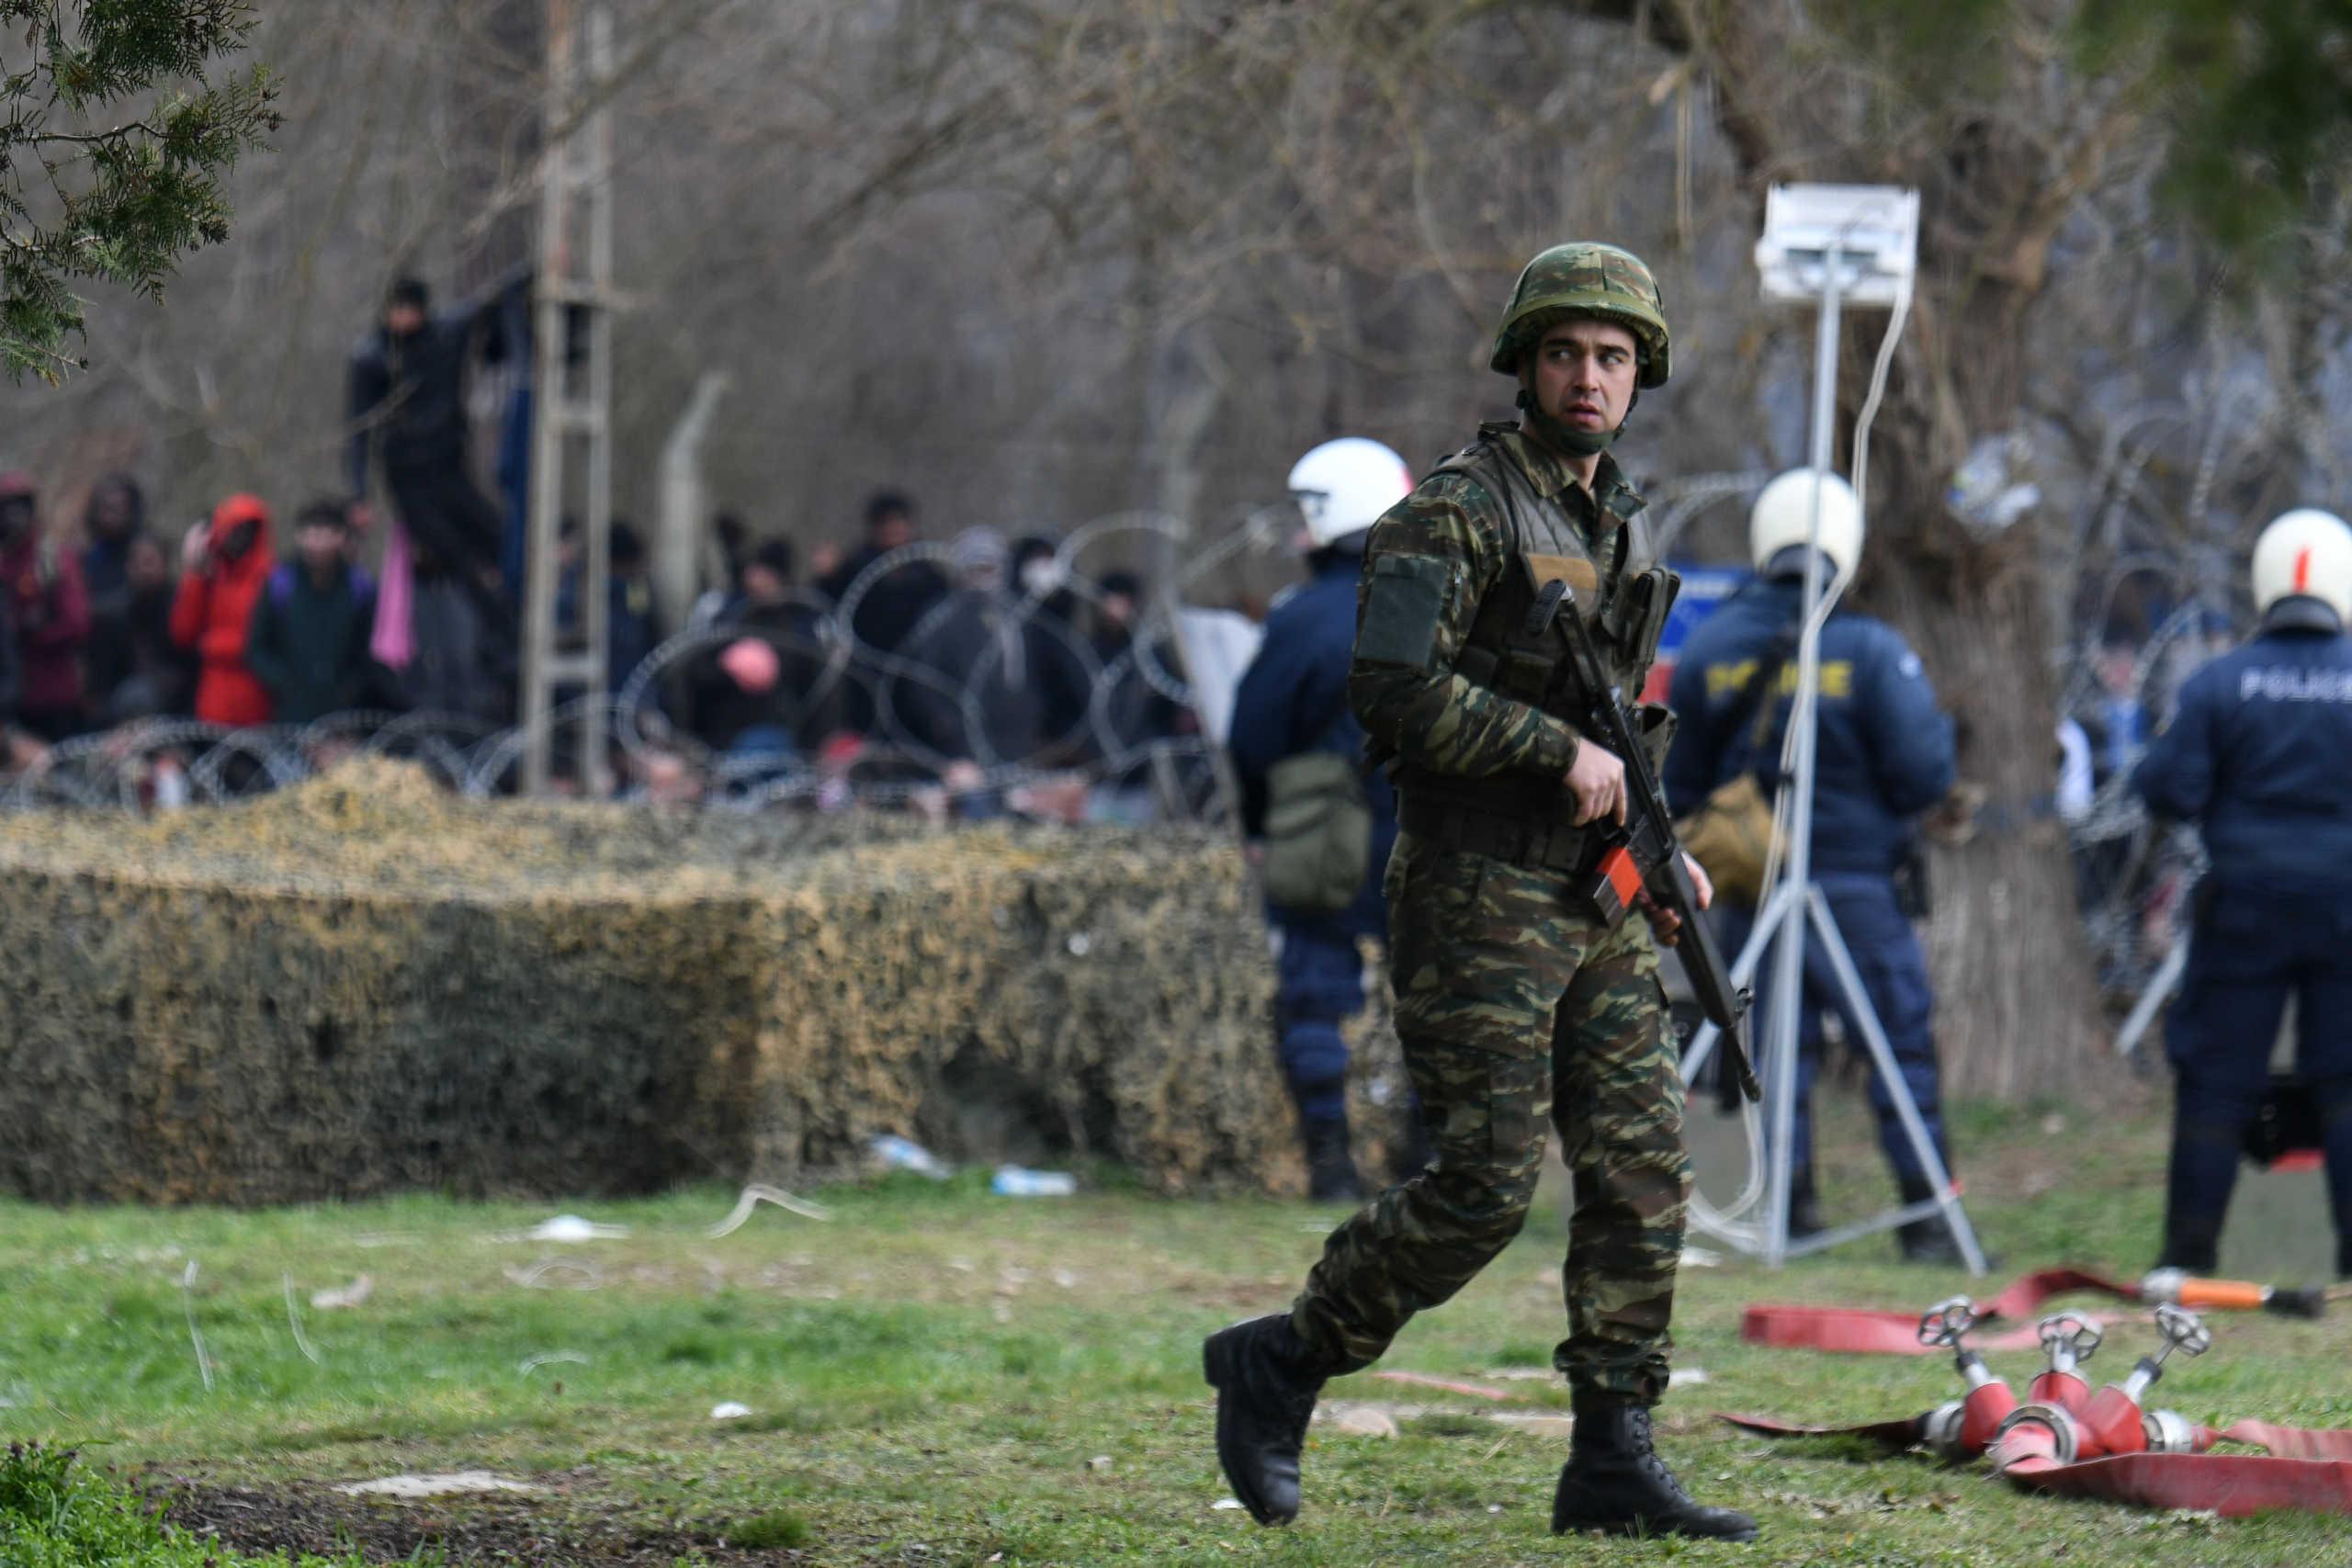 Έβρος: Τούρκοι περνούν παράνομα τα σύνορα με την Ελλάδα – Ποιοι είναι οι δυο λόγοι για το «φευγιό»